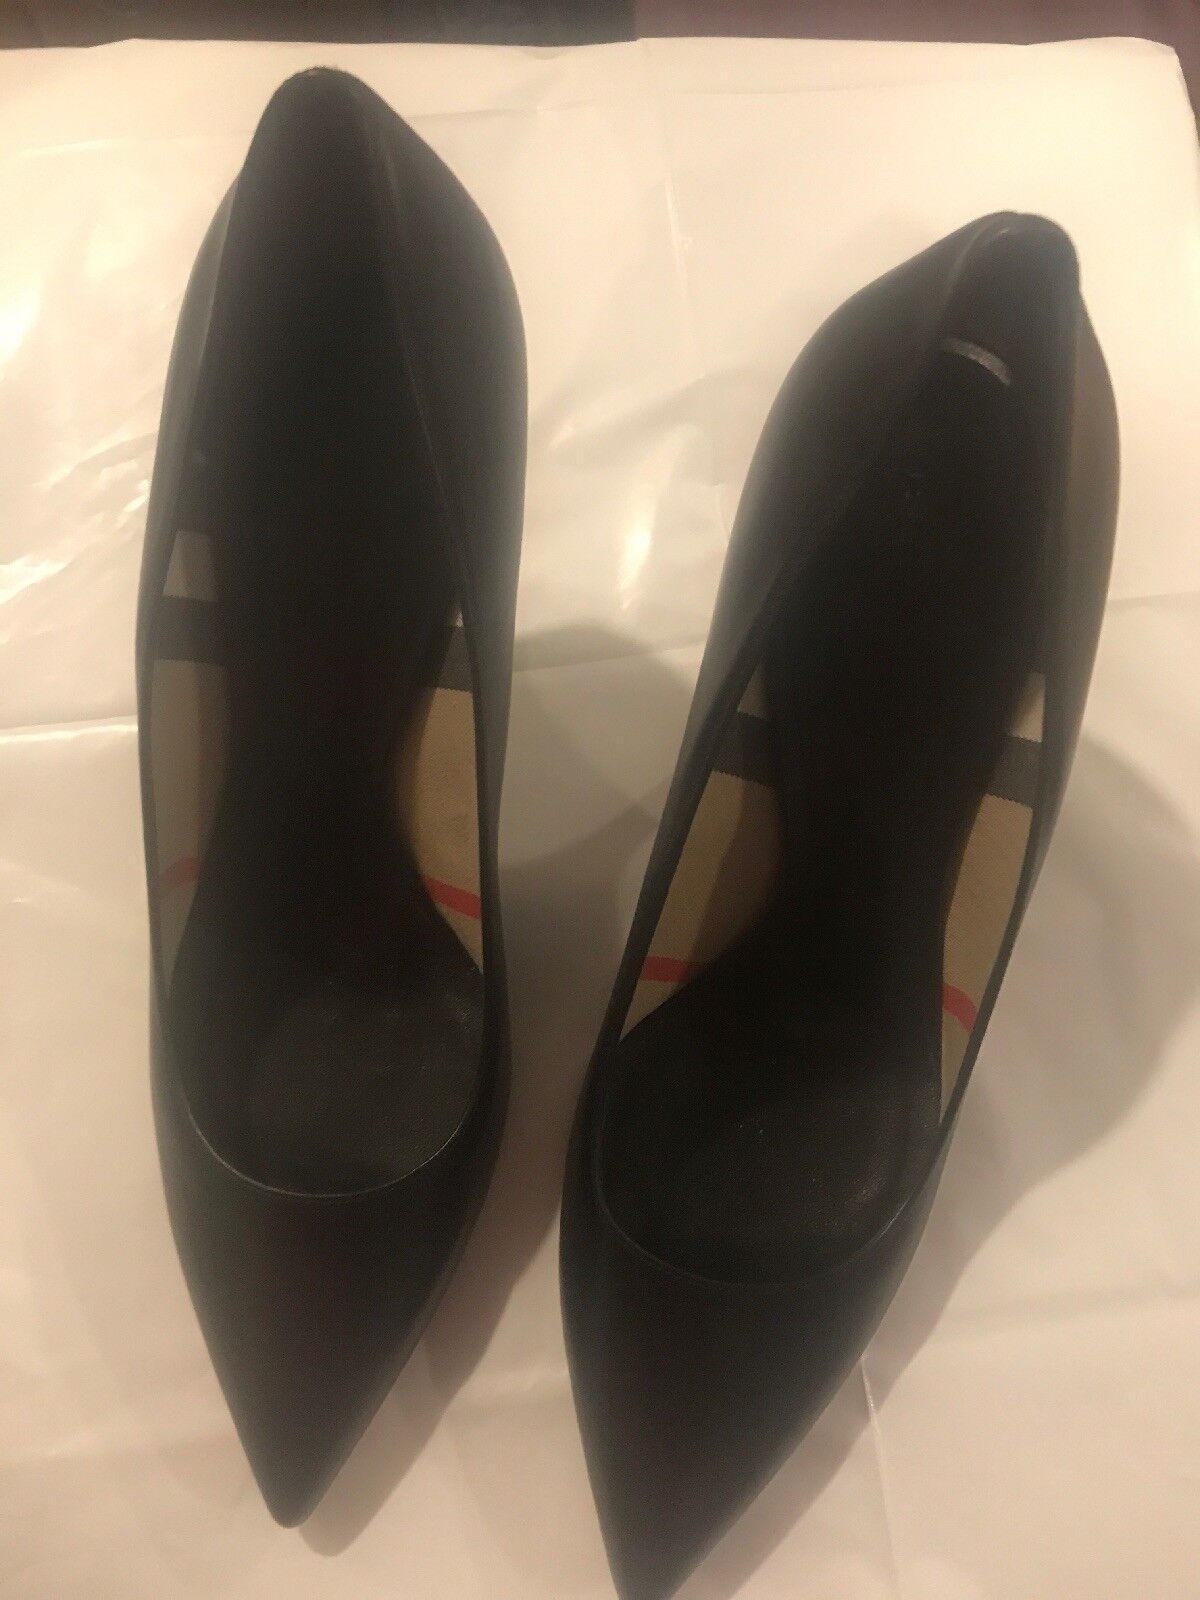 Burberry mawdesley Negro para Mujer Tacones Zapatos Zapatos Zapatos Talla 9.5 precio minorista sugerido por el fabricante  550  promocionales de incentivo